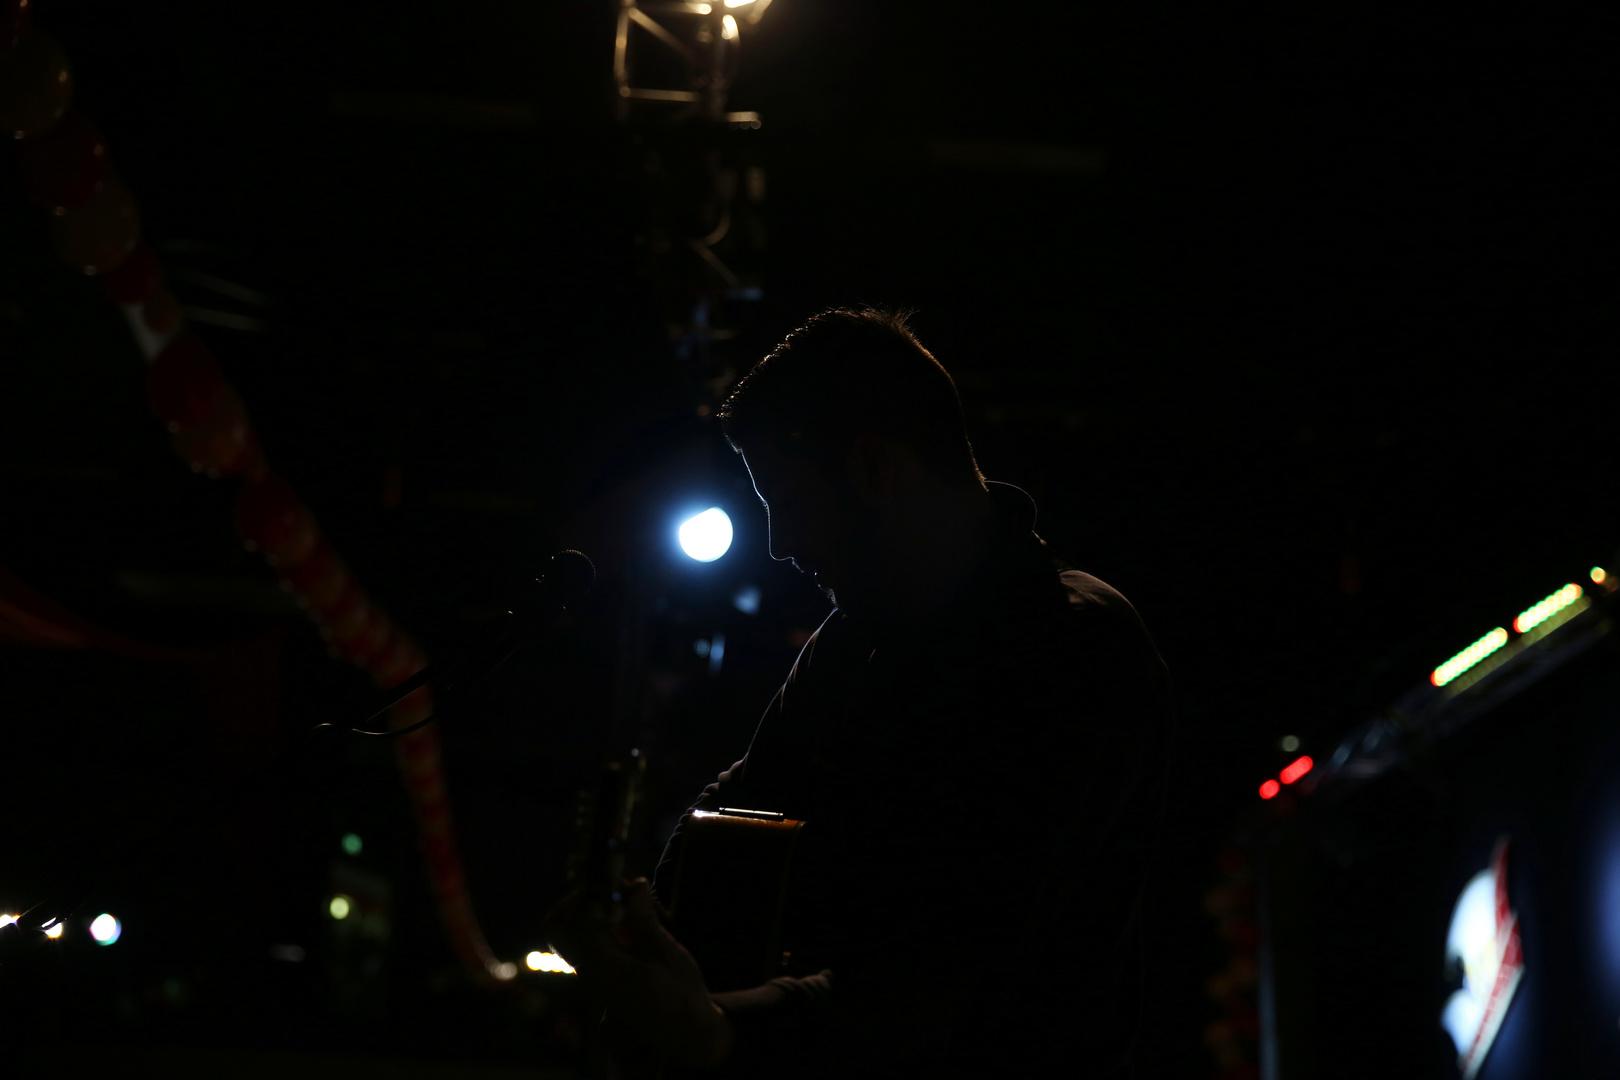 Lichtgestalt